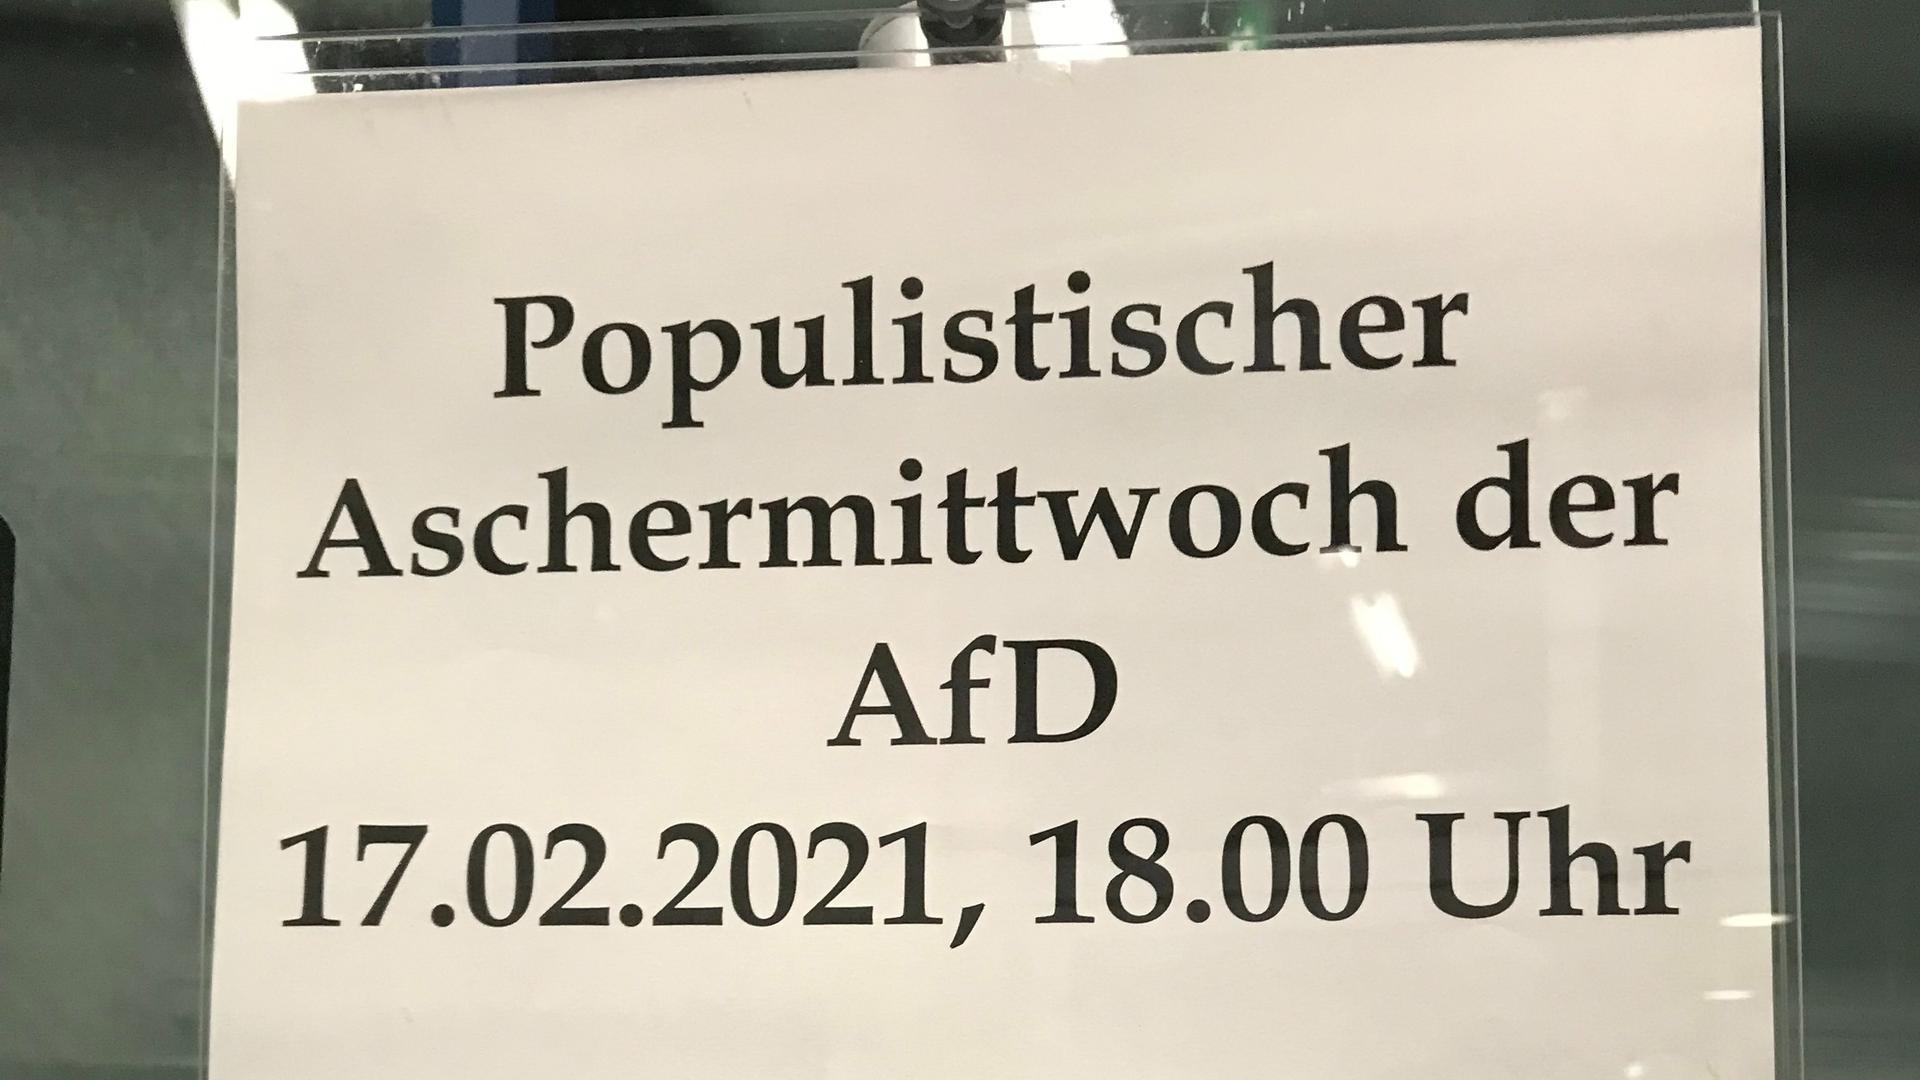 """Viele Parteien begingen den politischen Aschermittwoch, die AfD nannte ihre Veranstaltung """"populistischen Aschermittwoch""""."""